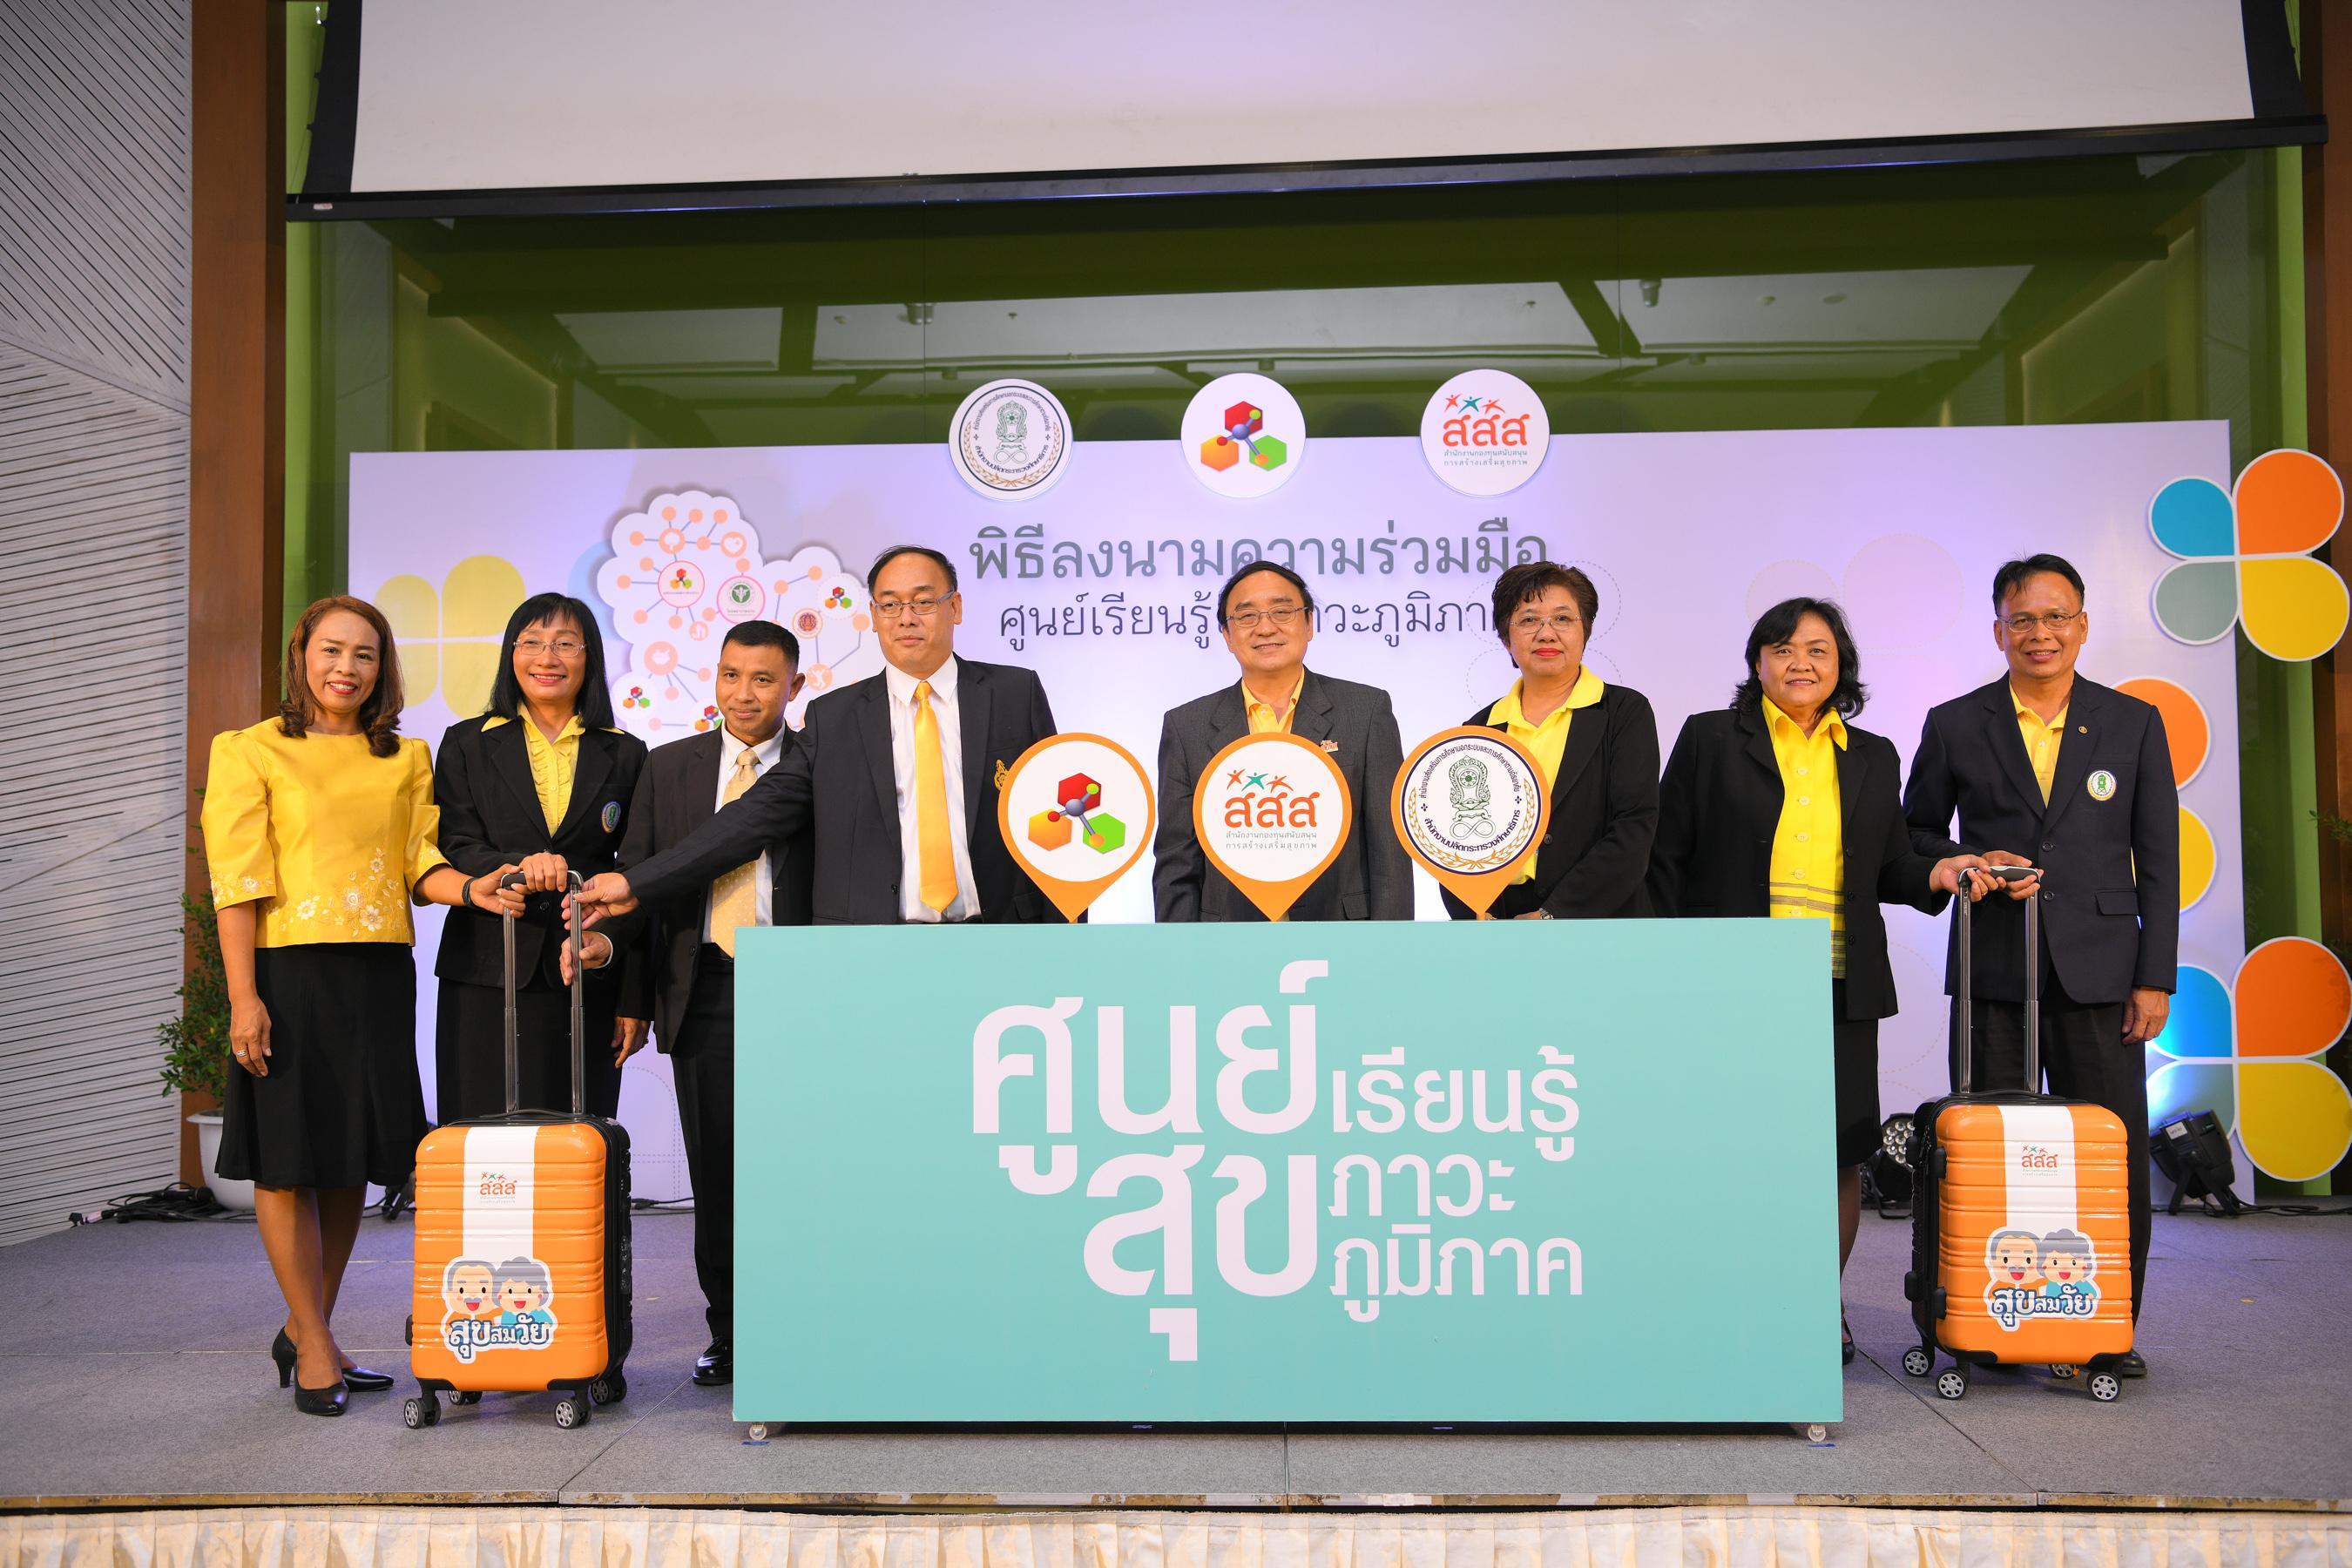 1 ศูนย์เรียนรู้ทั่วไทย สสส. ขยายผลพื้นที่ต้นแบบสุขภาวะ thaihealth